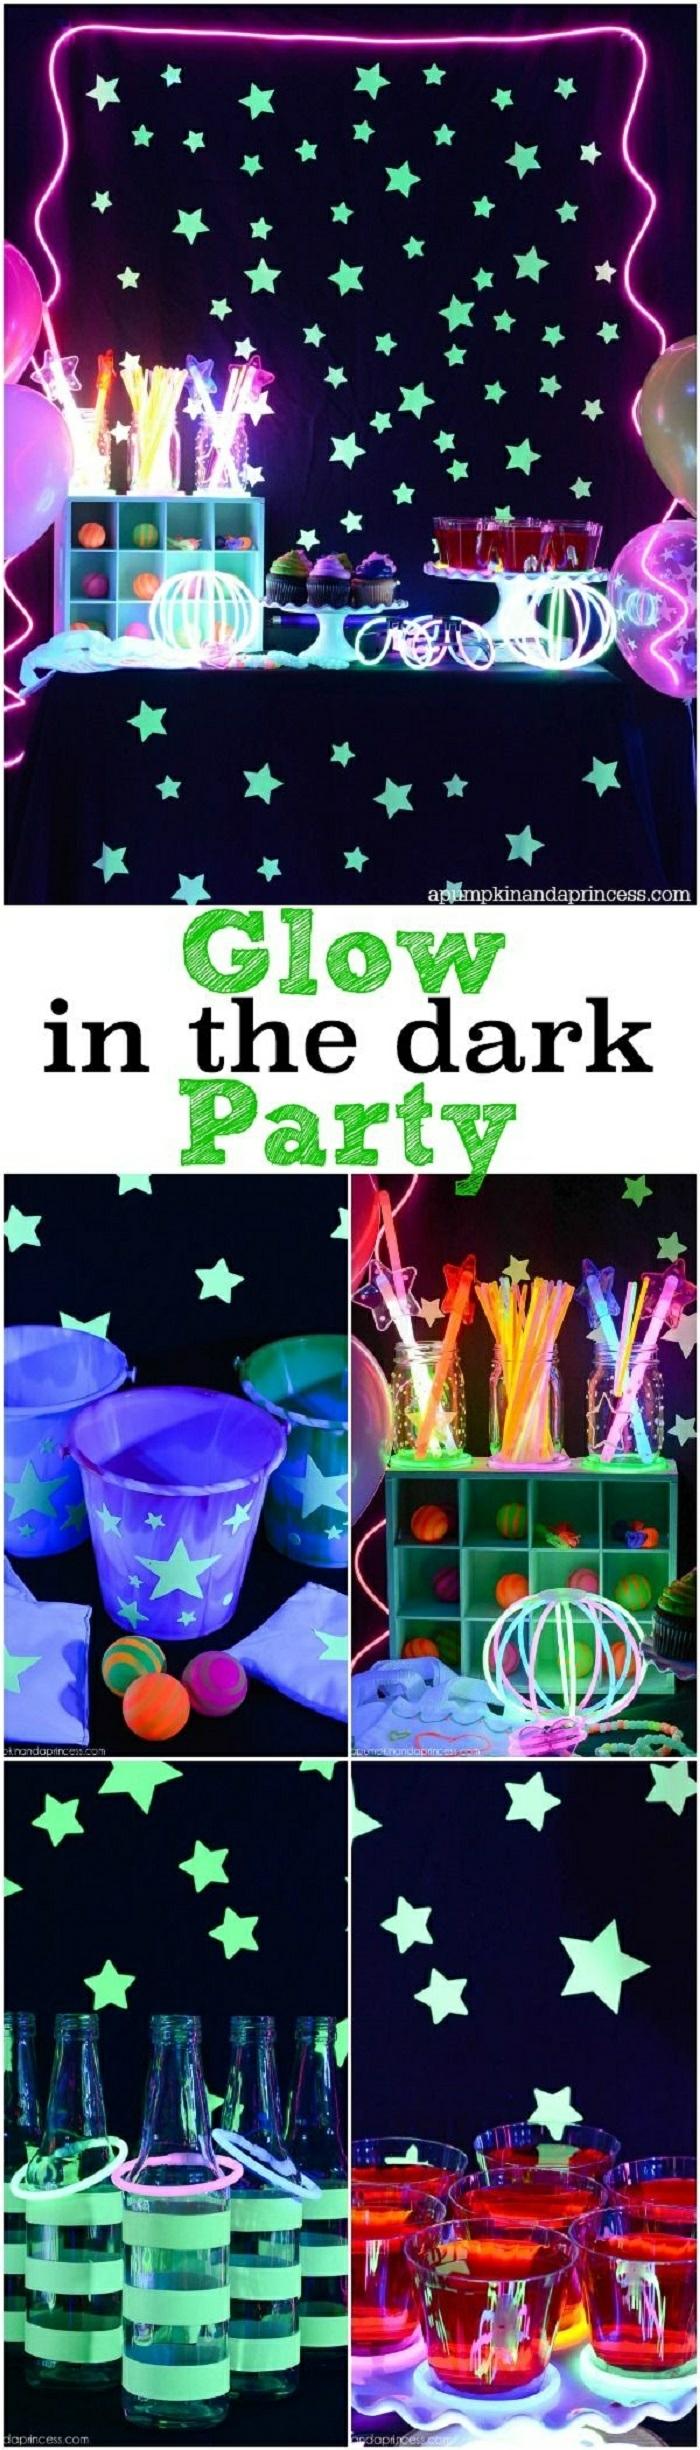 18 geburtstag deko idee, glow in the dark party zu hause veranstalten, leuchtende dekorationen, sterne, tassen, strohhalme